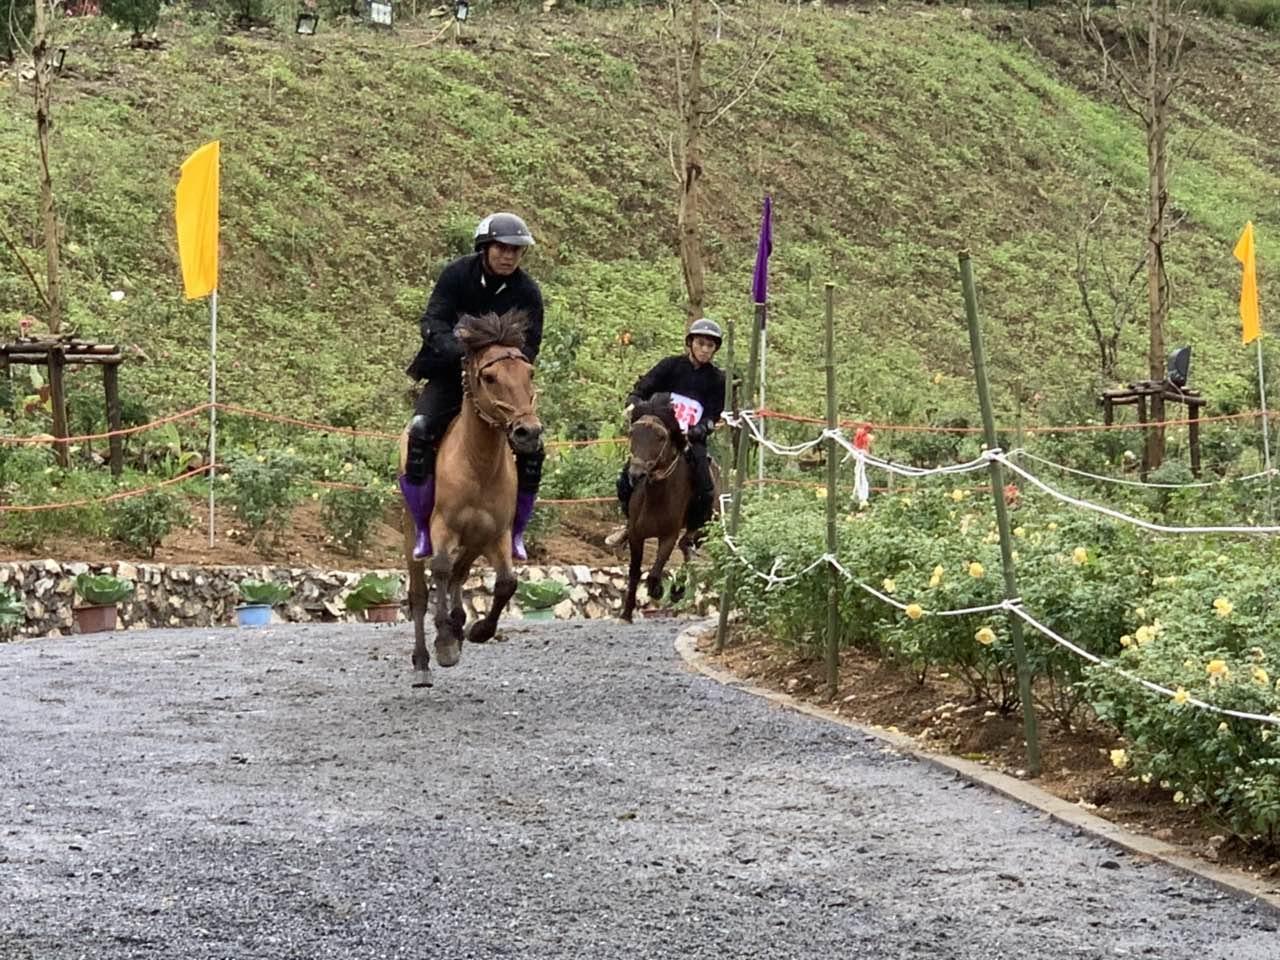 Chất Tây Bắc sống động khiến du khách thích thú với Giải đua ngựa tại Fansipan  - Ảnh 5